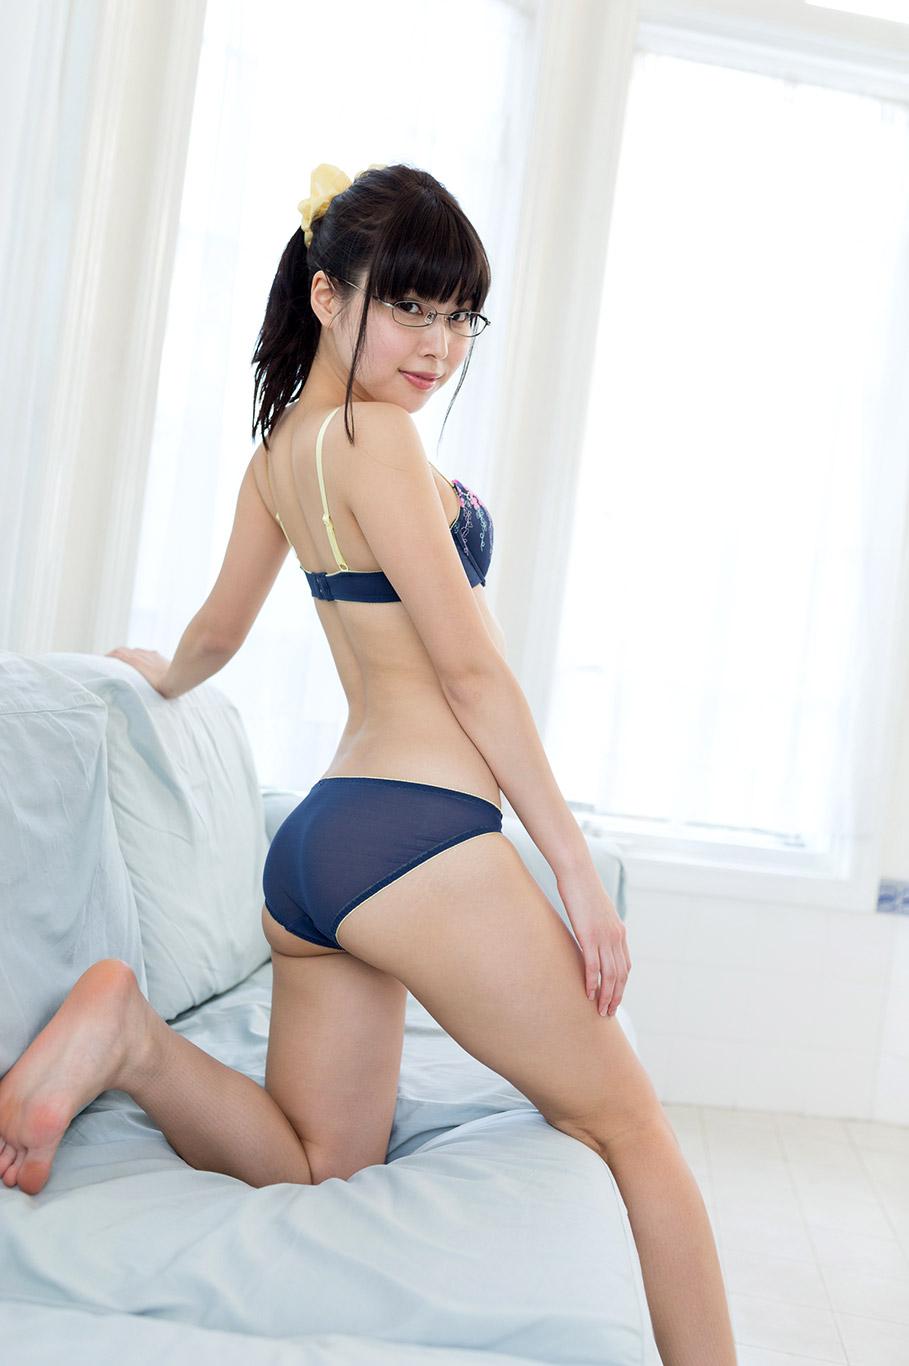 Ayashiro yurina